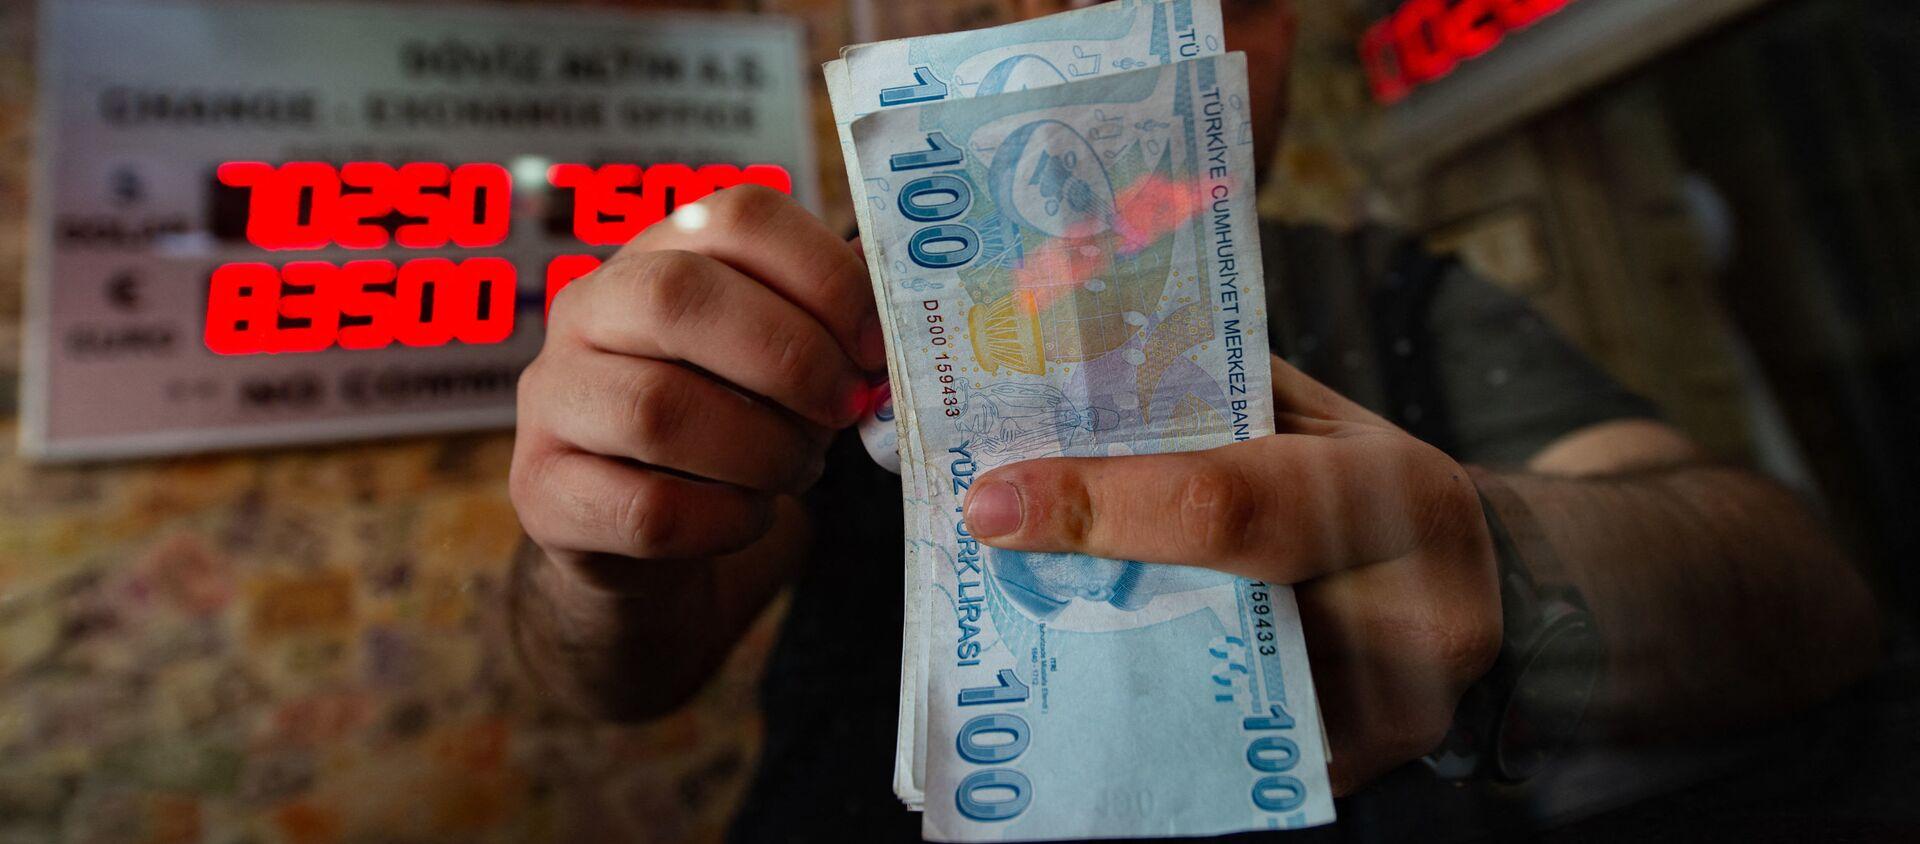 Сотрудник обменного пункта считает банкноты турецких лир, фото из архива - Sputnik Азербайджан, 1920, 02.04.2021